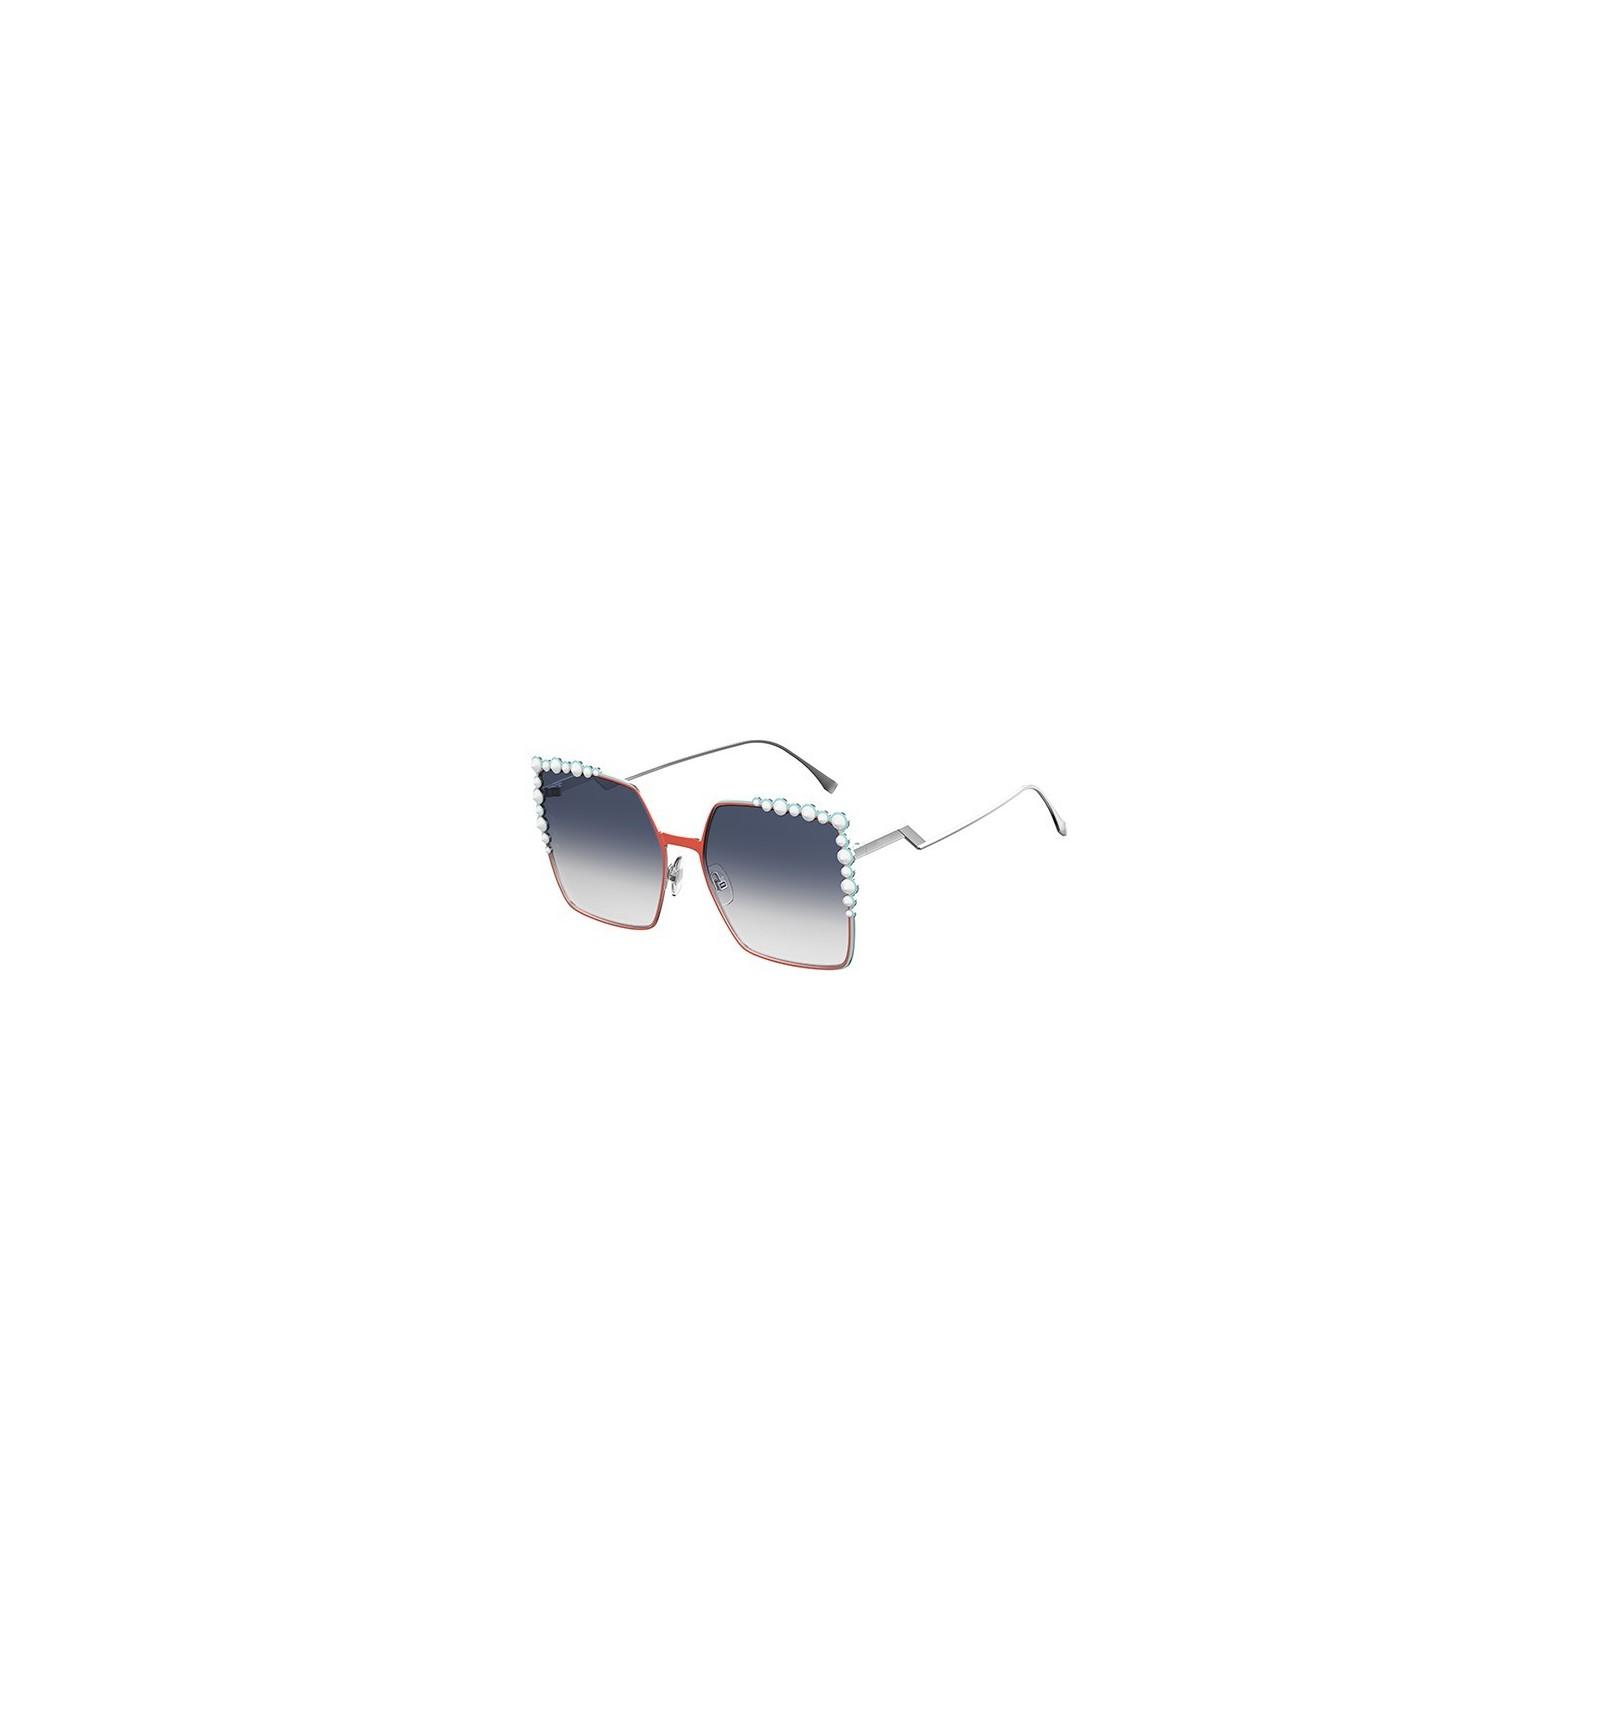 64cc5d333e Gafas de sol Fendi Can Eye Orange Silver - Grey Blue Shaded. Compra ...